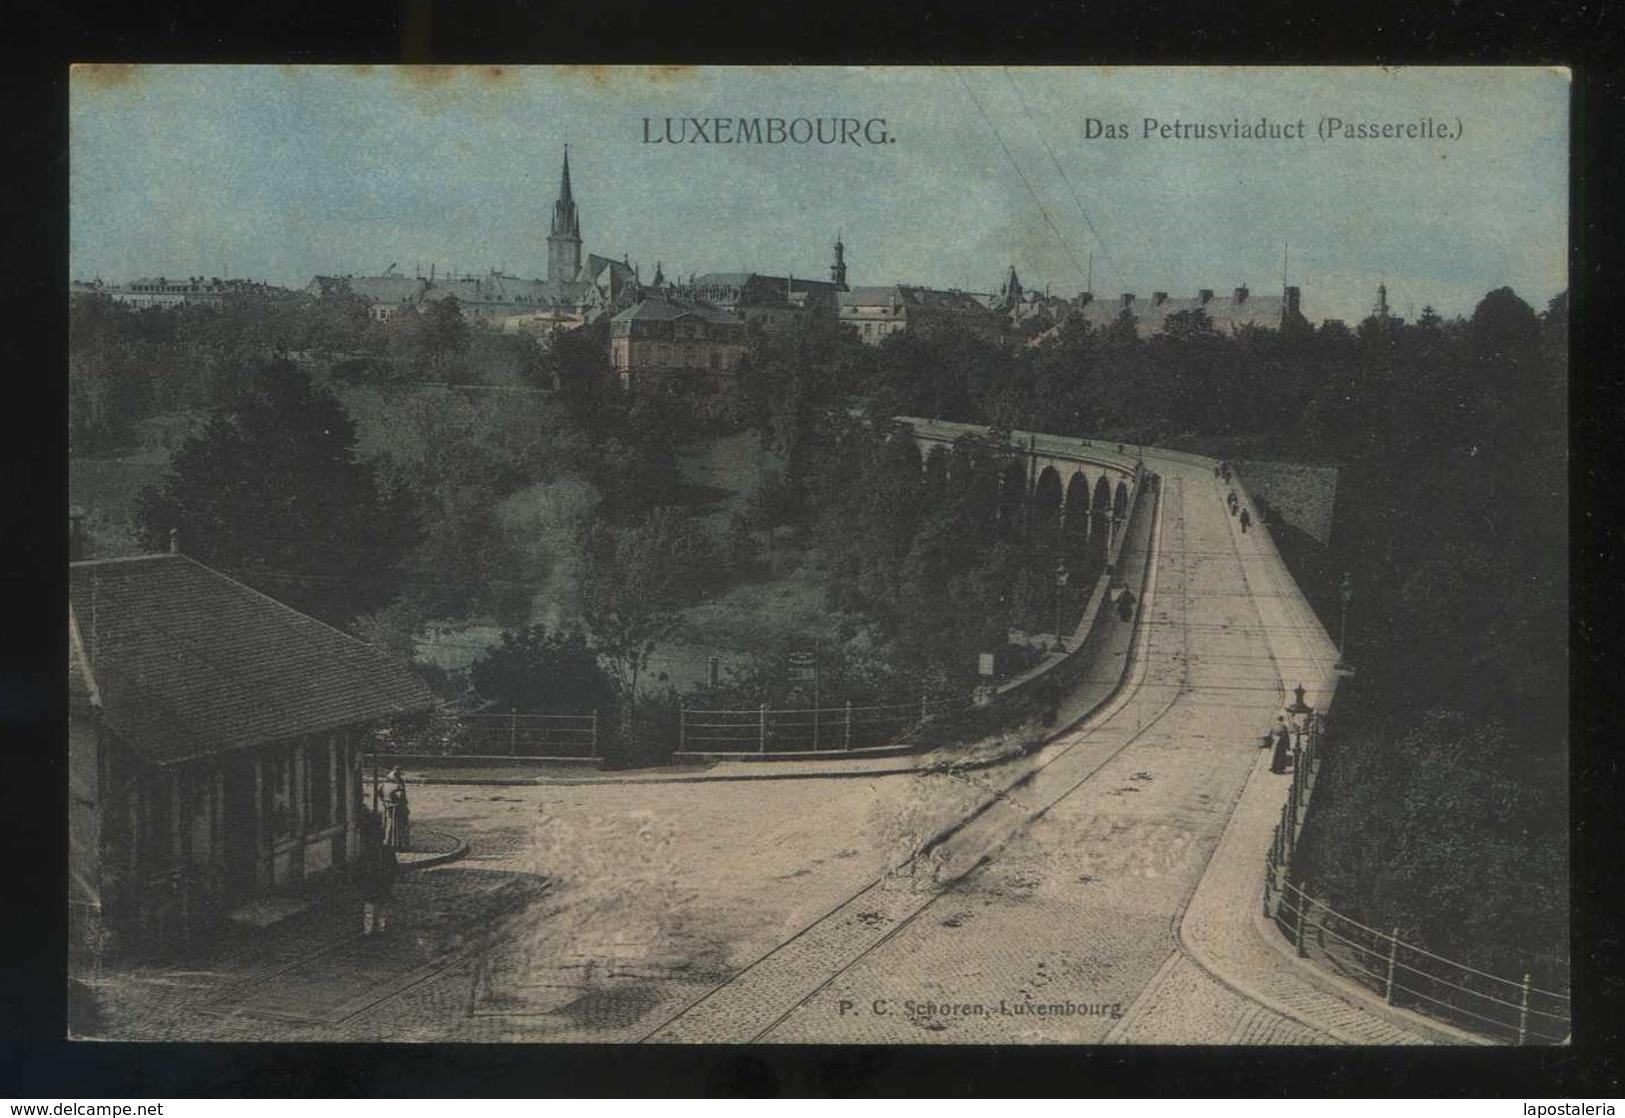 Luxemburgo. *Das Petrusviaduct* Ed. P. C. Schoren. Nueva. - Luxemburgo - Ciudad